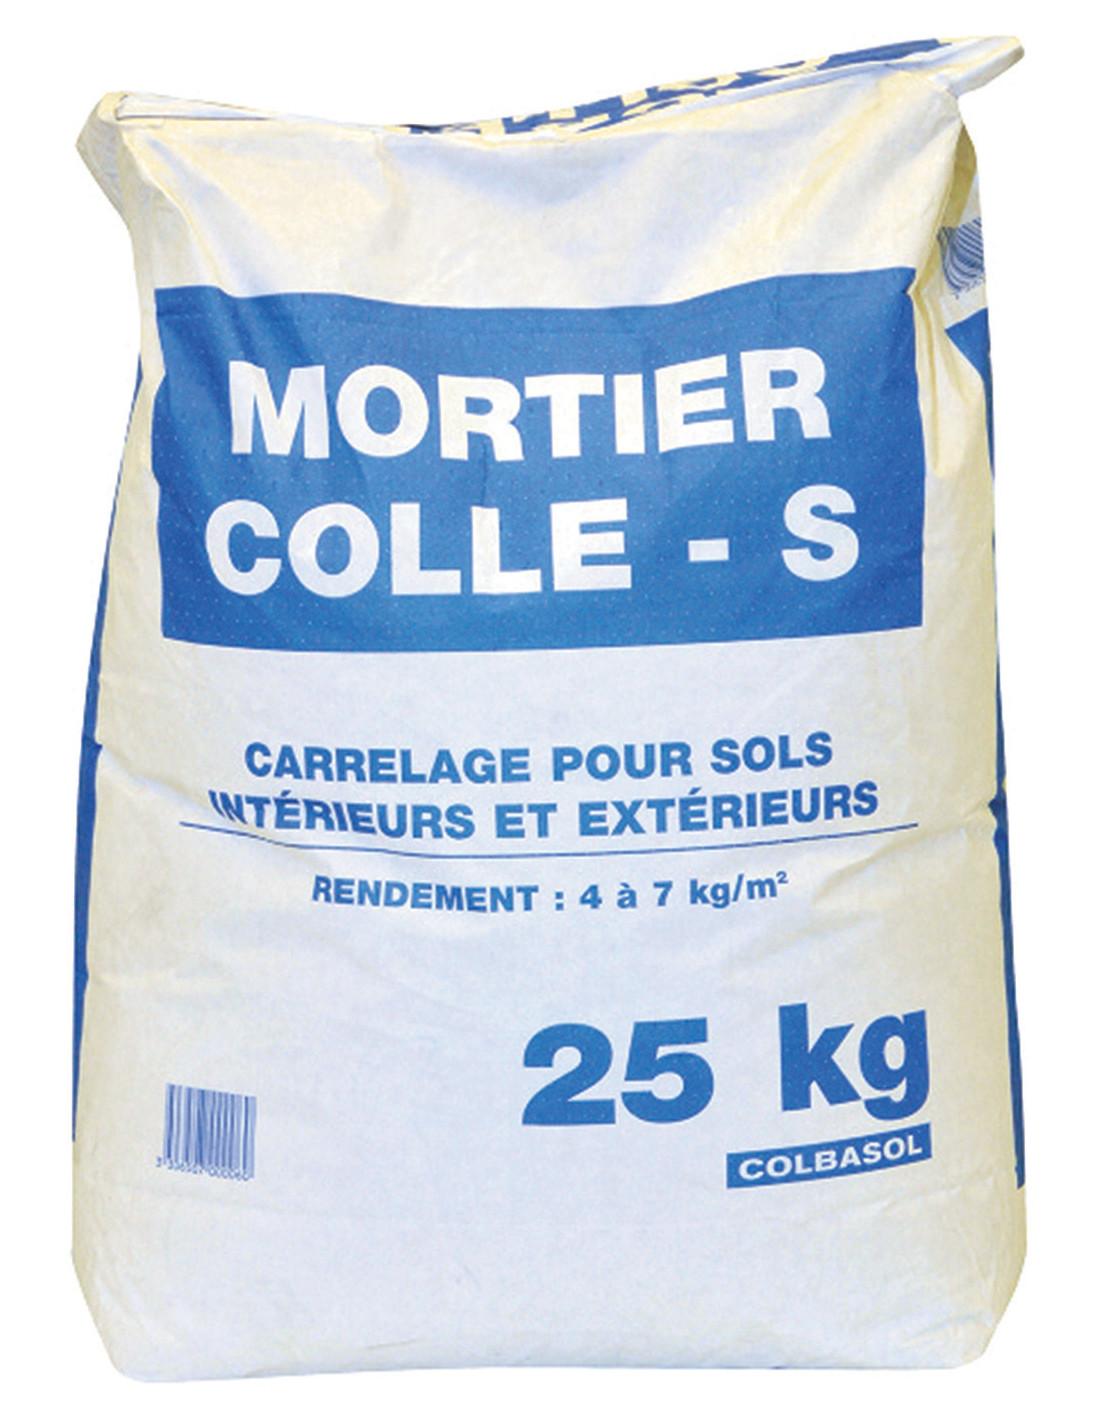 Coller Corniere Alu Sur Carrelage Exterieur mortier colle s gris pour carrelage pour sols intérieurs et extérieurs sac  25 kg